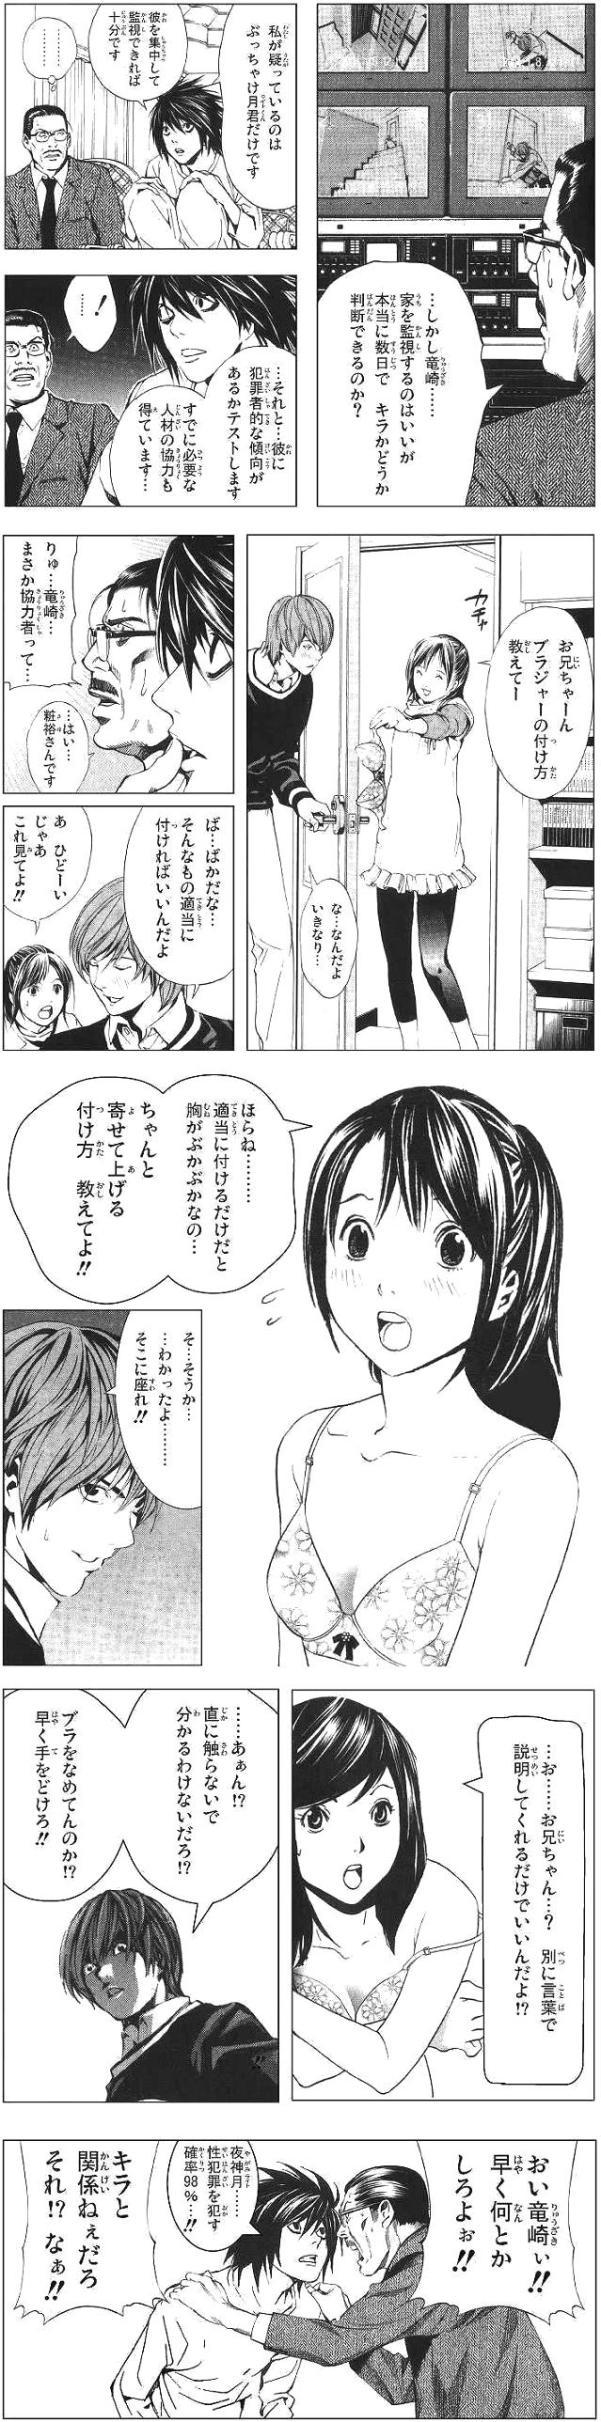 漫画:デスノート -ブラの付け方- [エロ]